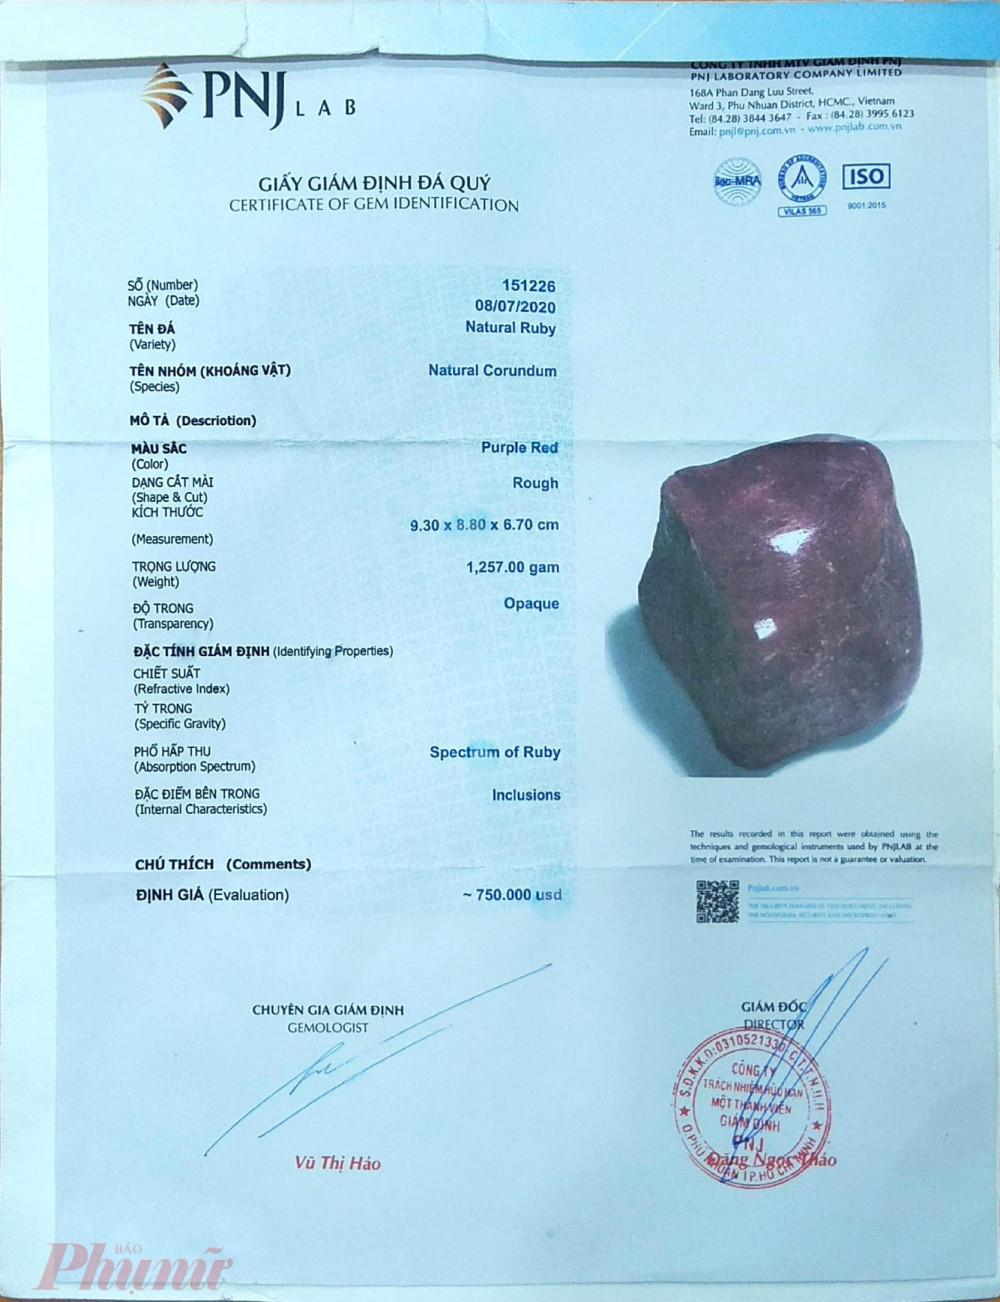 Mua đá quý, kim cương có giấy kiểm định, nhưng vẫn là đồ rởm